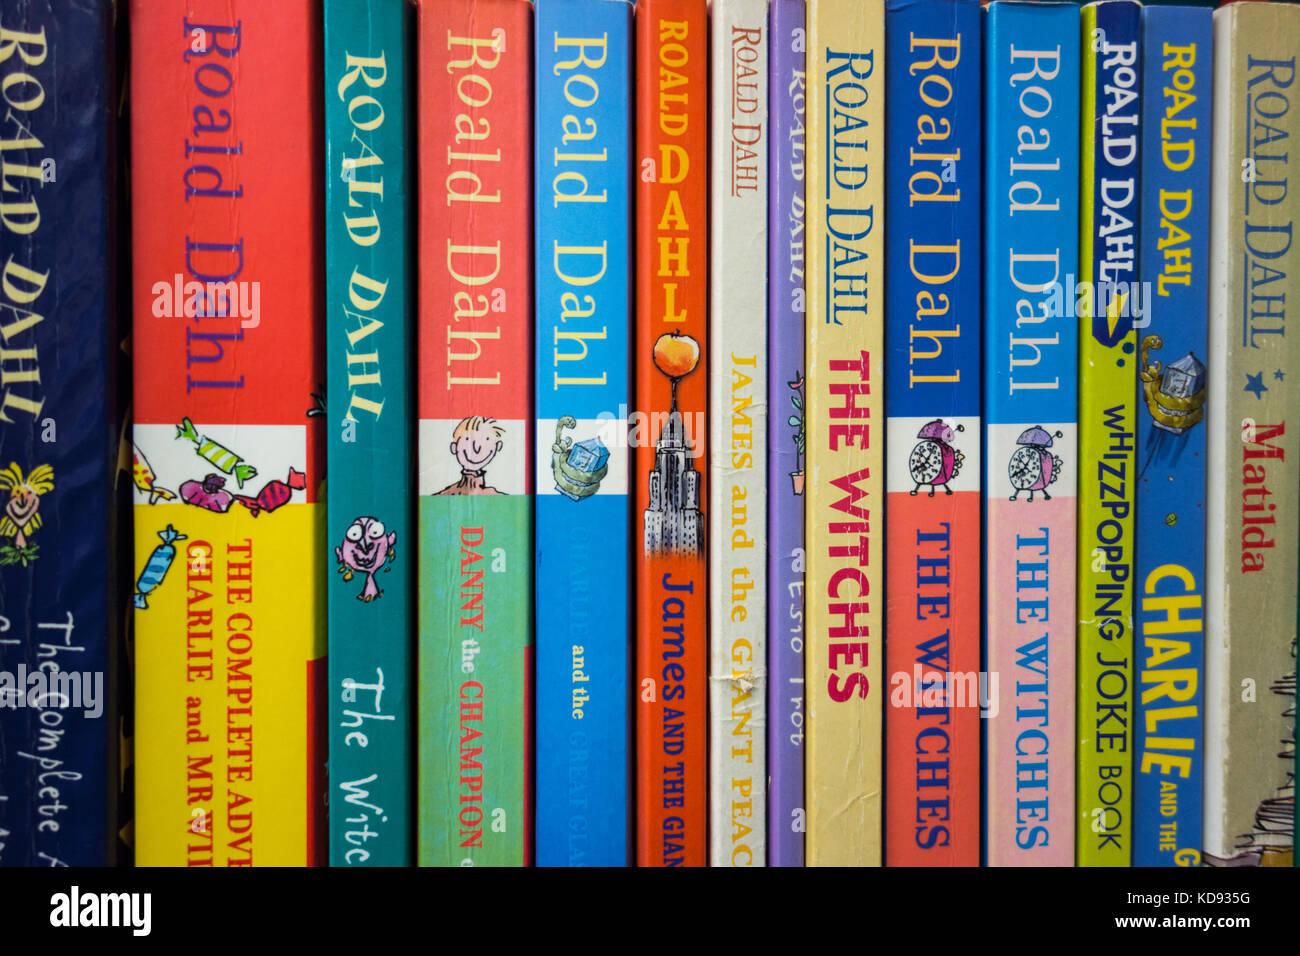 Roald dahl book fotos roald dahl book imagens de stock alamy uma estante espinhos livro de roald dahl imagens de stock fandeluxe Choice Image